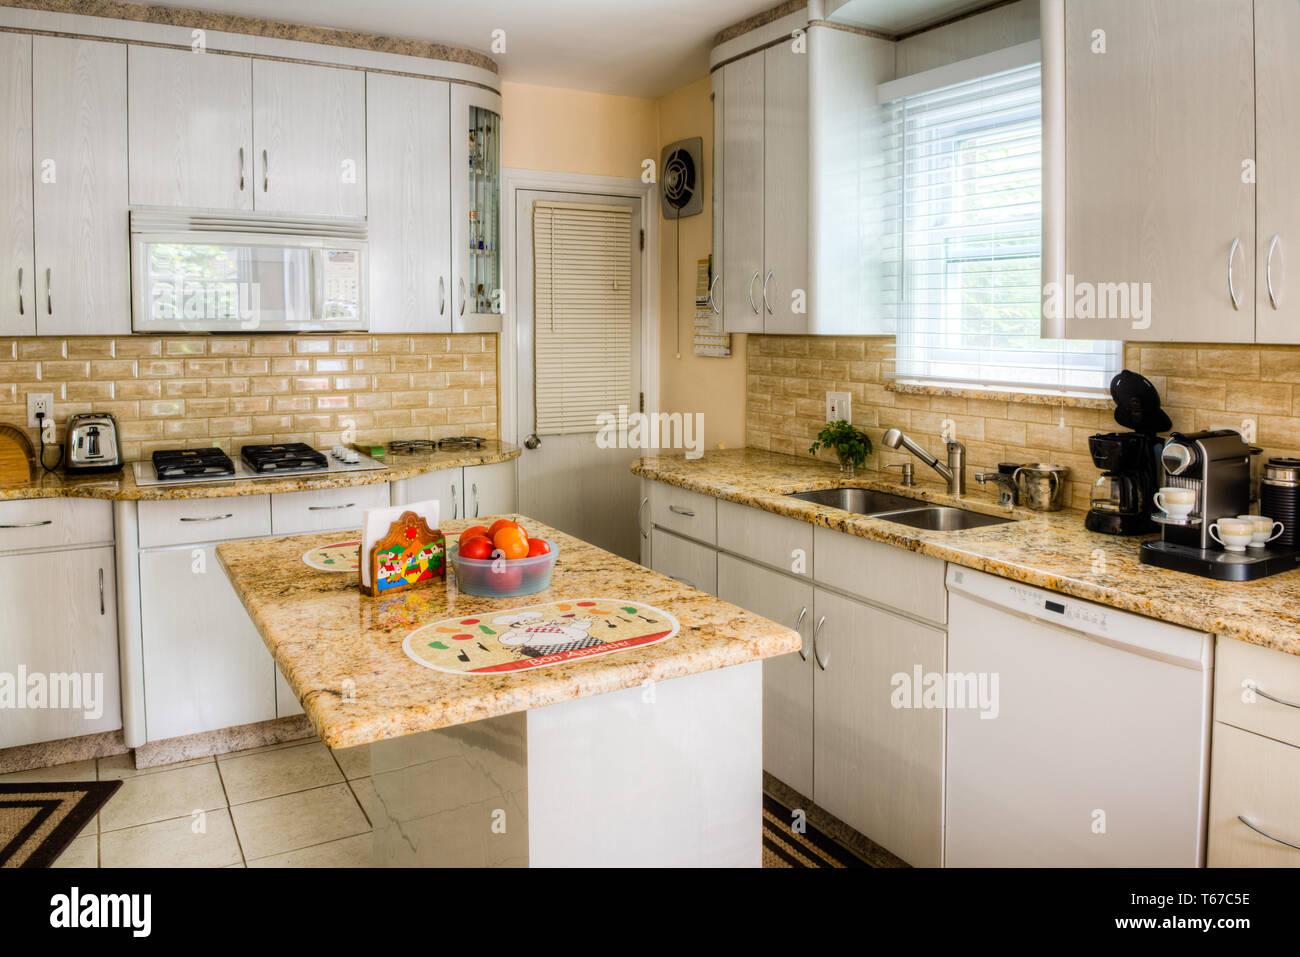 Klein, aber komfortabel weiße Küche mit Gasherd in einem Haus im ...